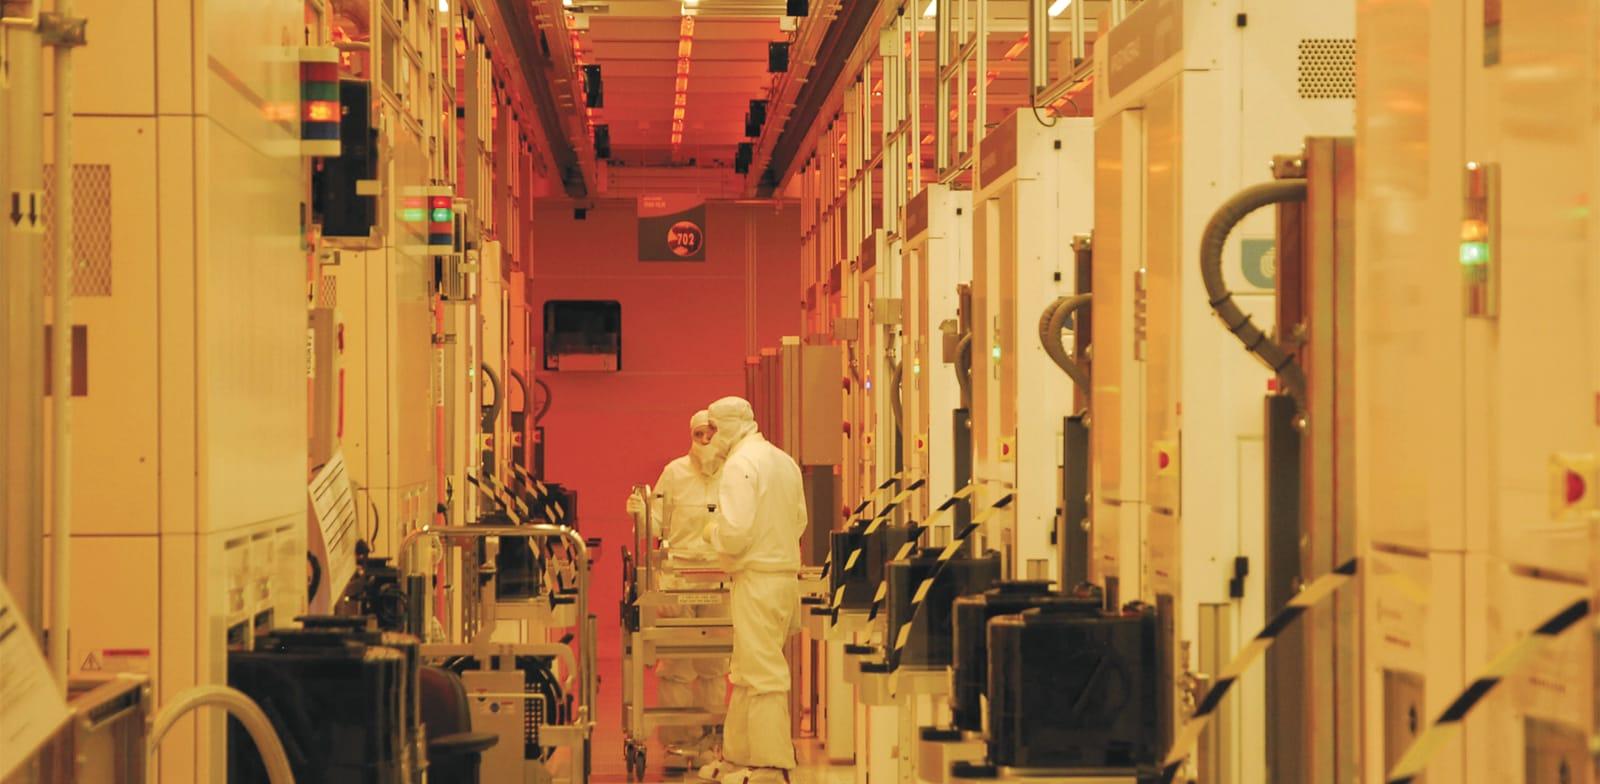 מעבדה אינטל / צילום: אינטל